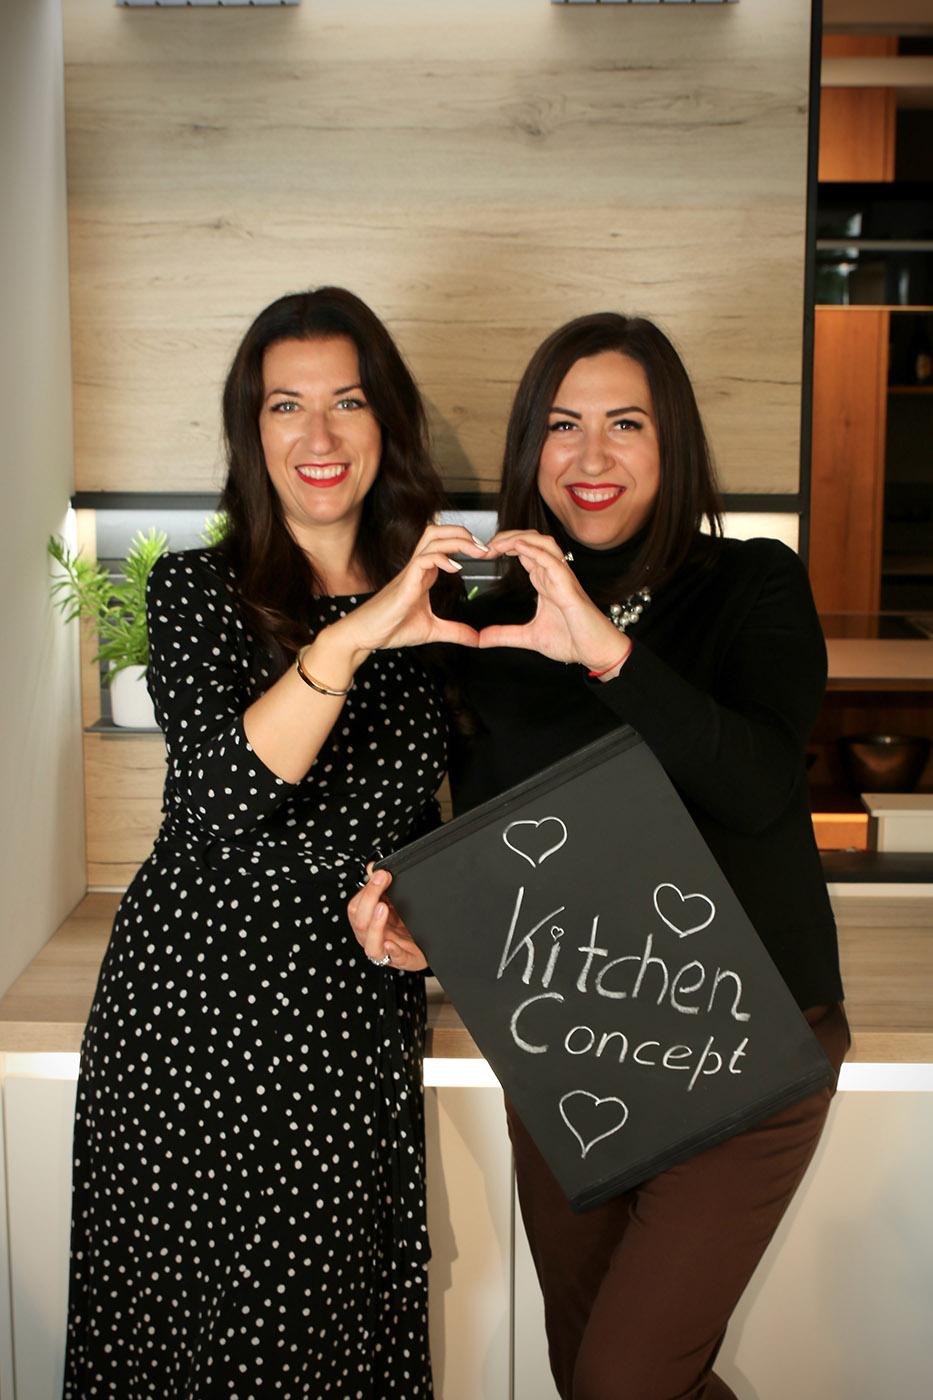 основатели студий Kitchen Concept